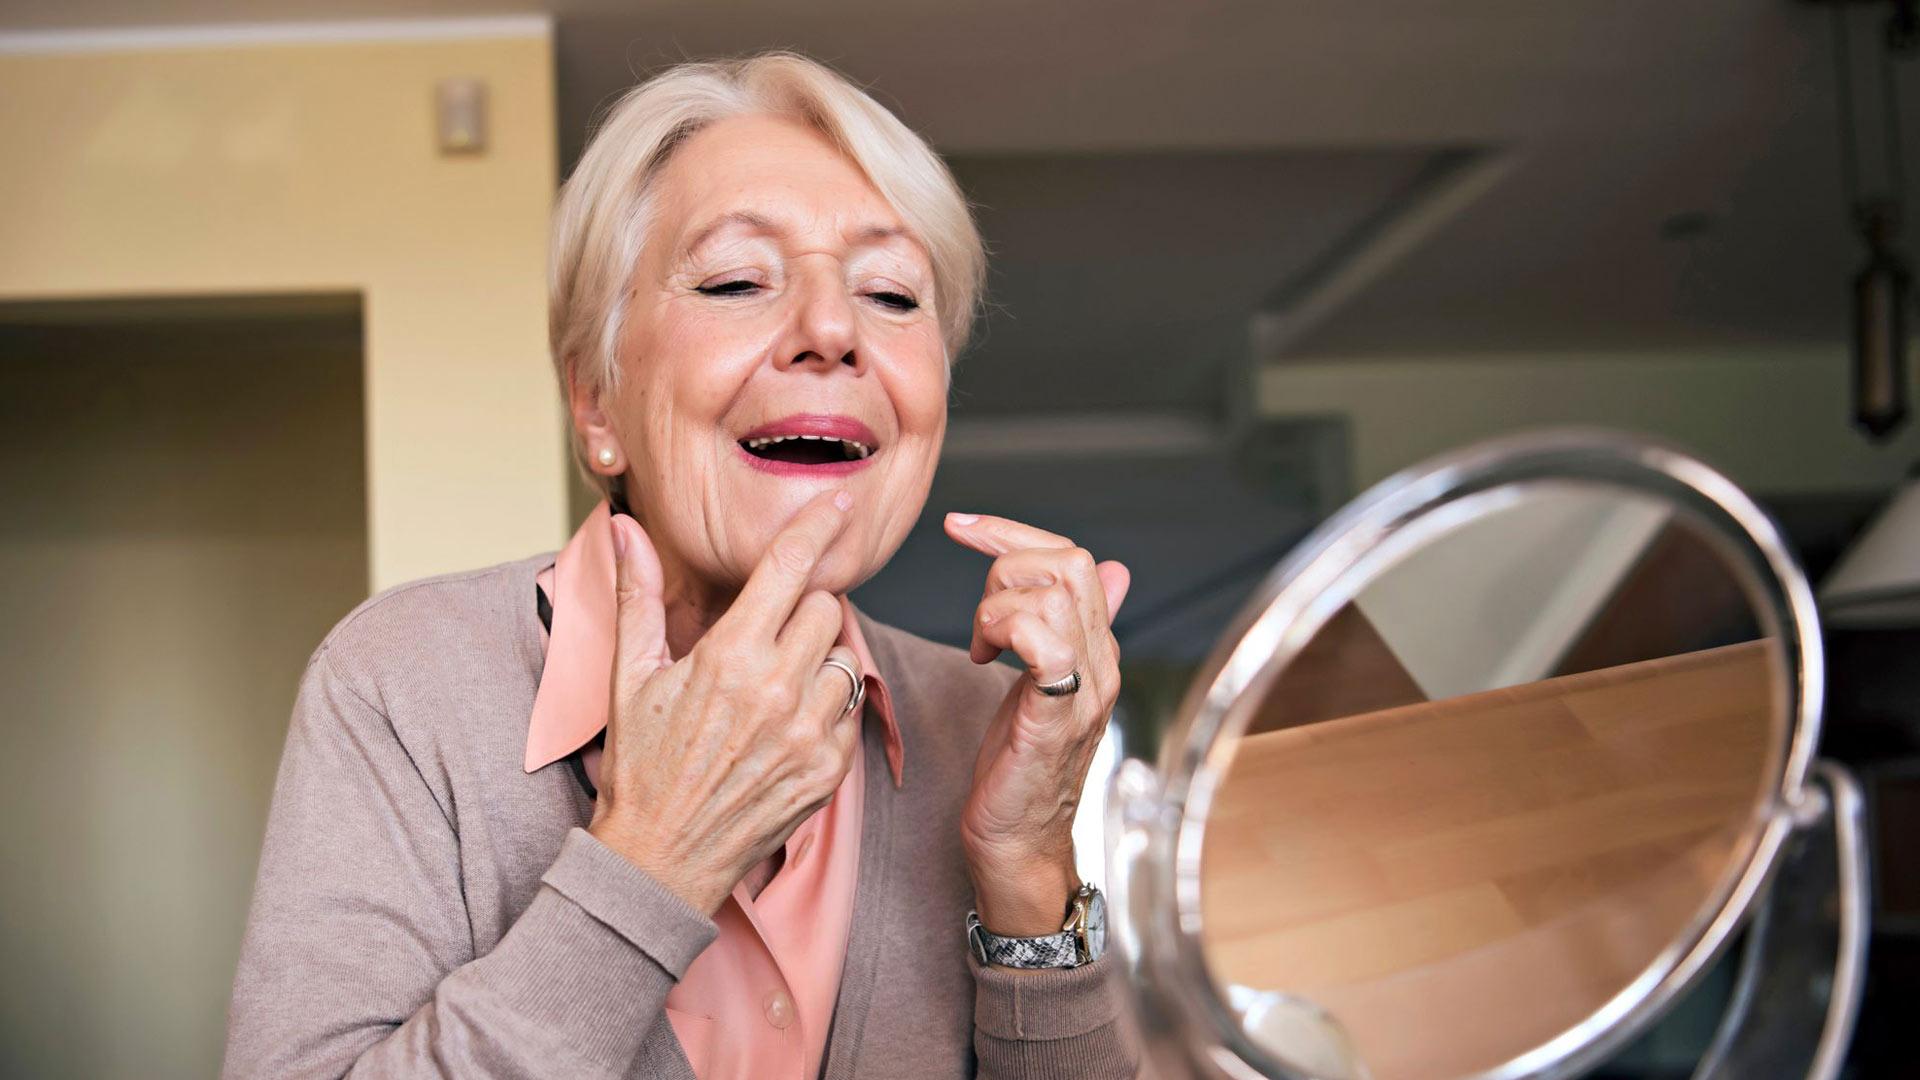 Finnien puristelu jättää helposti ihoon arven ja toisaalta lisää tulehduksen riskiä.